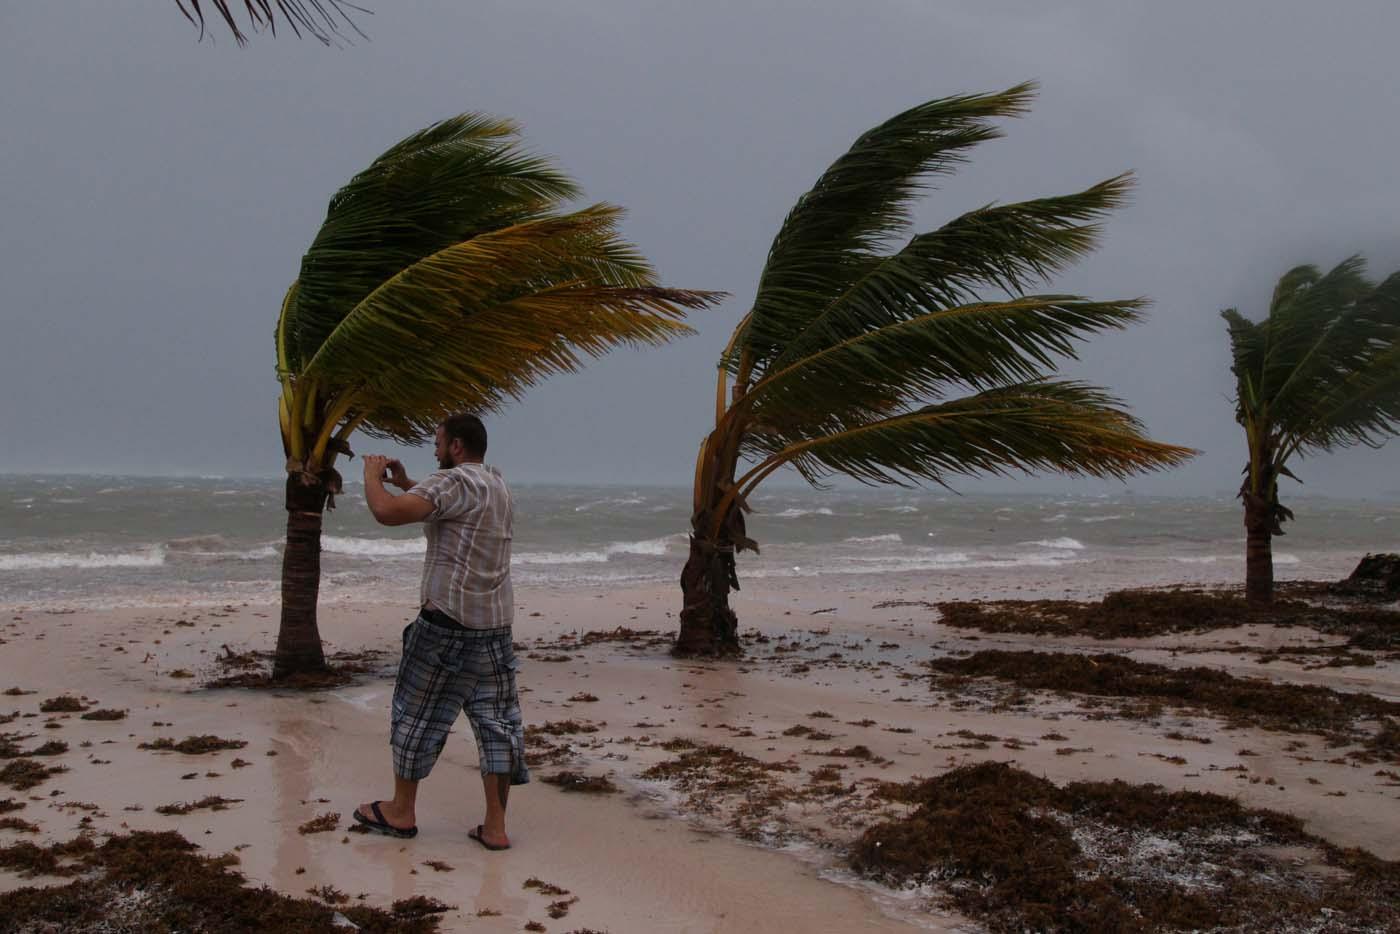 Puerto Rico realiza evacuaciones urgentes por peligro de represa